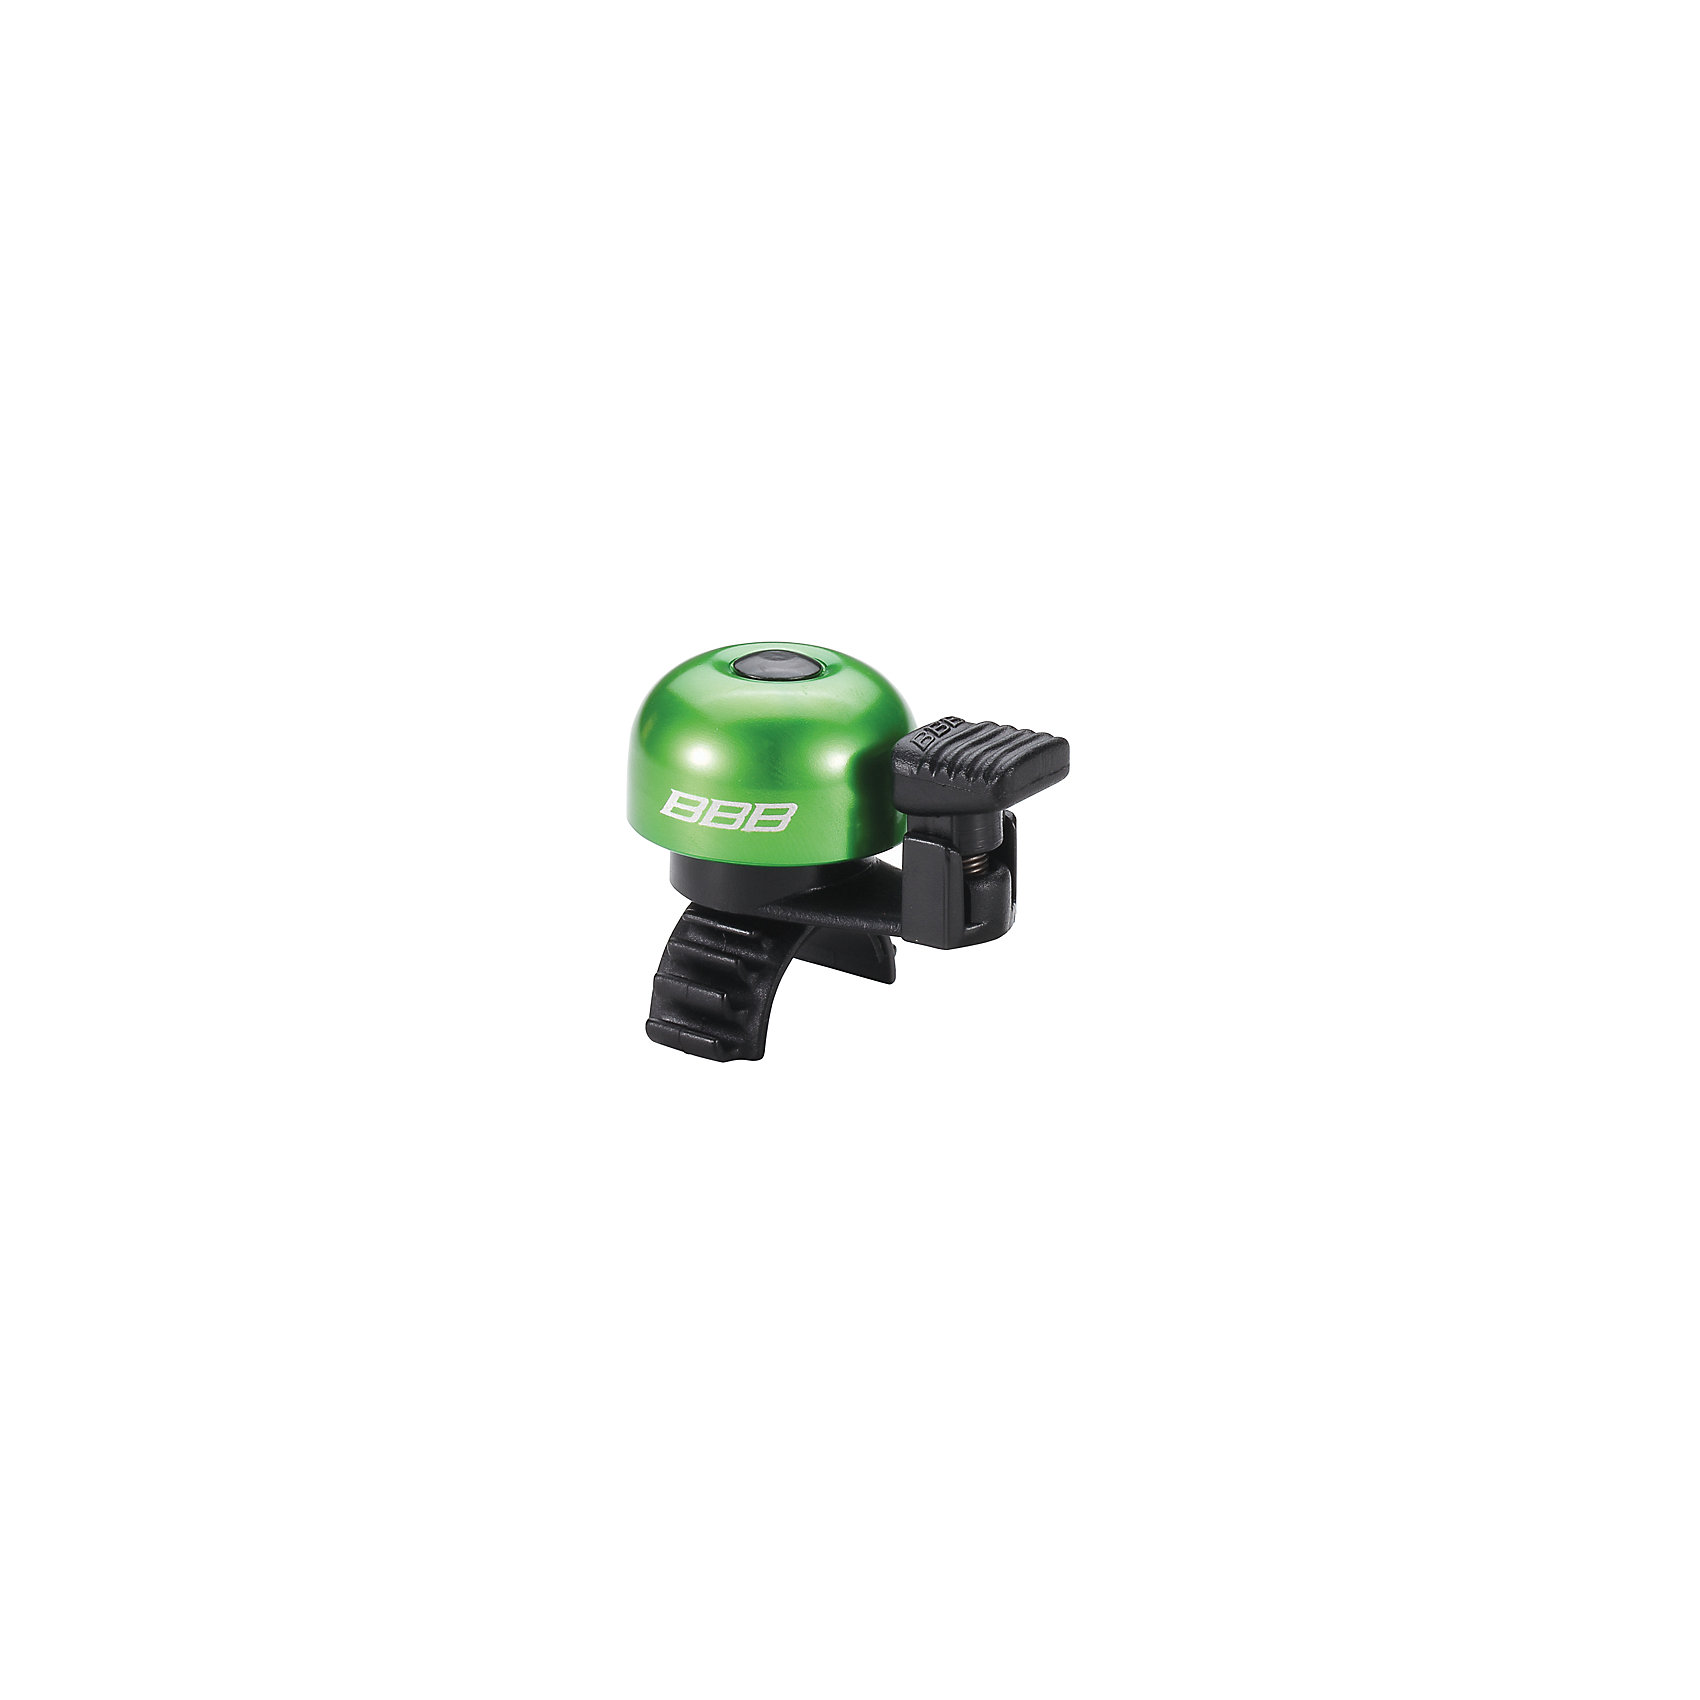 Звонок EasyFit  зеленый, BBBАксеcсуары для велосипедов<br>Характеристики товара: <br><br>• цвет: зеленый<br>• облегченный алюминиевый звонок с пружиной из нержавеющей стали <br>• быстросъемный <br>• крепление с резиновым ремешком<br>• подходит для всех видов рулей<br>• прочная и легкая конструкция<br><br>Звонок EasyFit  зеленый, BBB можно купить в нашем интернет-магазине.<br><br>Ширина мм: 160<br>Глубина мм: 80<br>Высота мм: 40<br>Вес г: 31<br>Возраст от месяцев: 36<br>Возраст до месяцев: 144<br>Пол: Унисекс<br>Возраст: Детский<br>SKU: 5569396